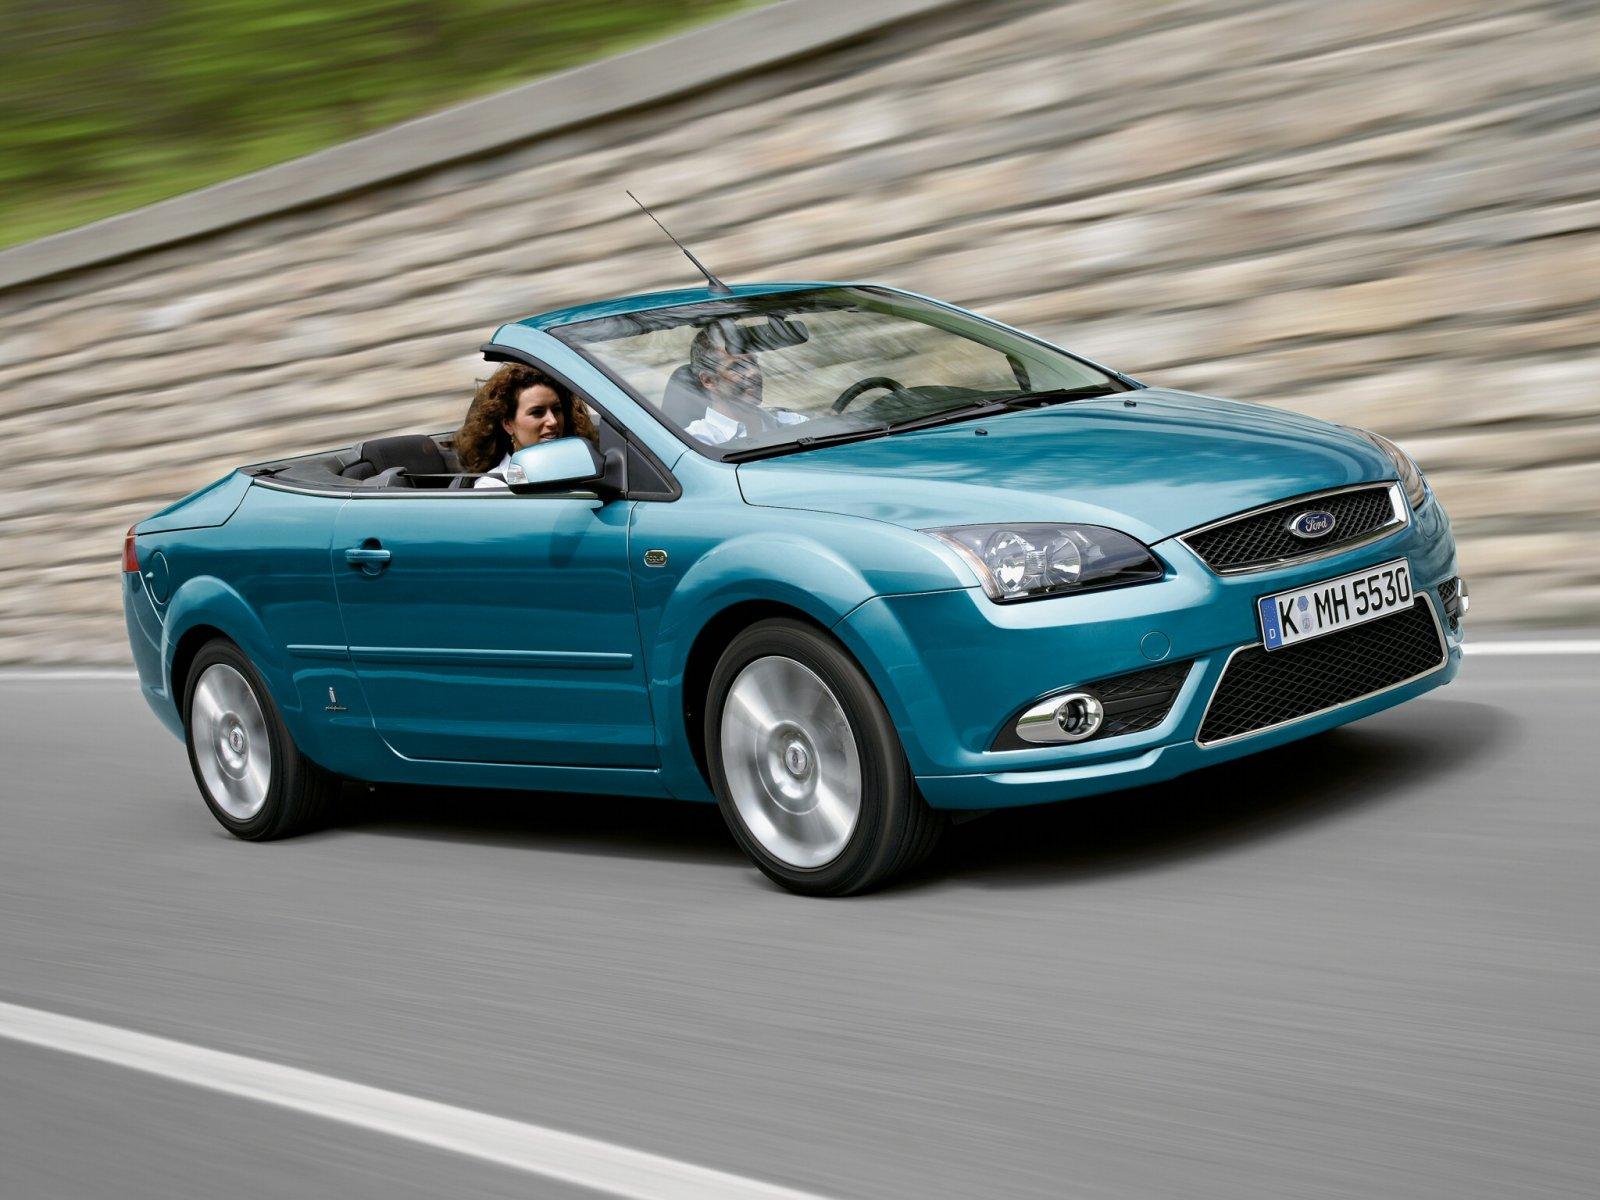 Ford Focus Coupe-Cabriolet фотогалерея: 21 фото высокого ...